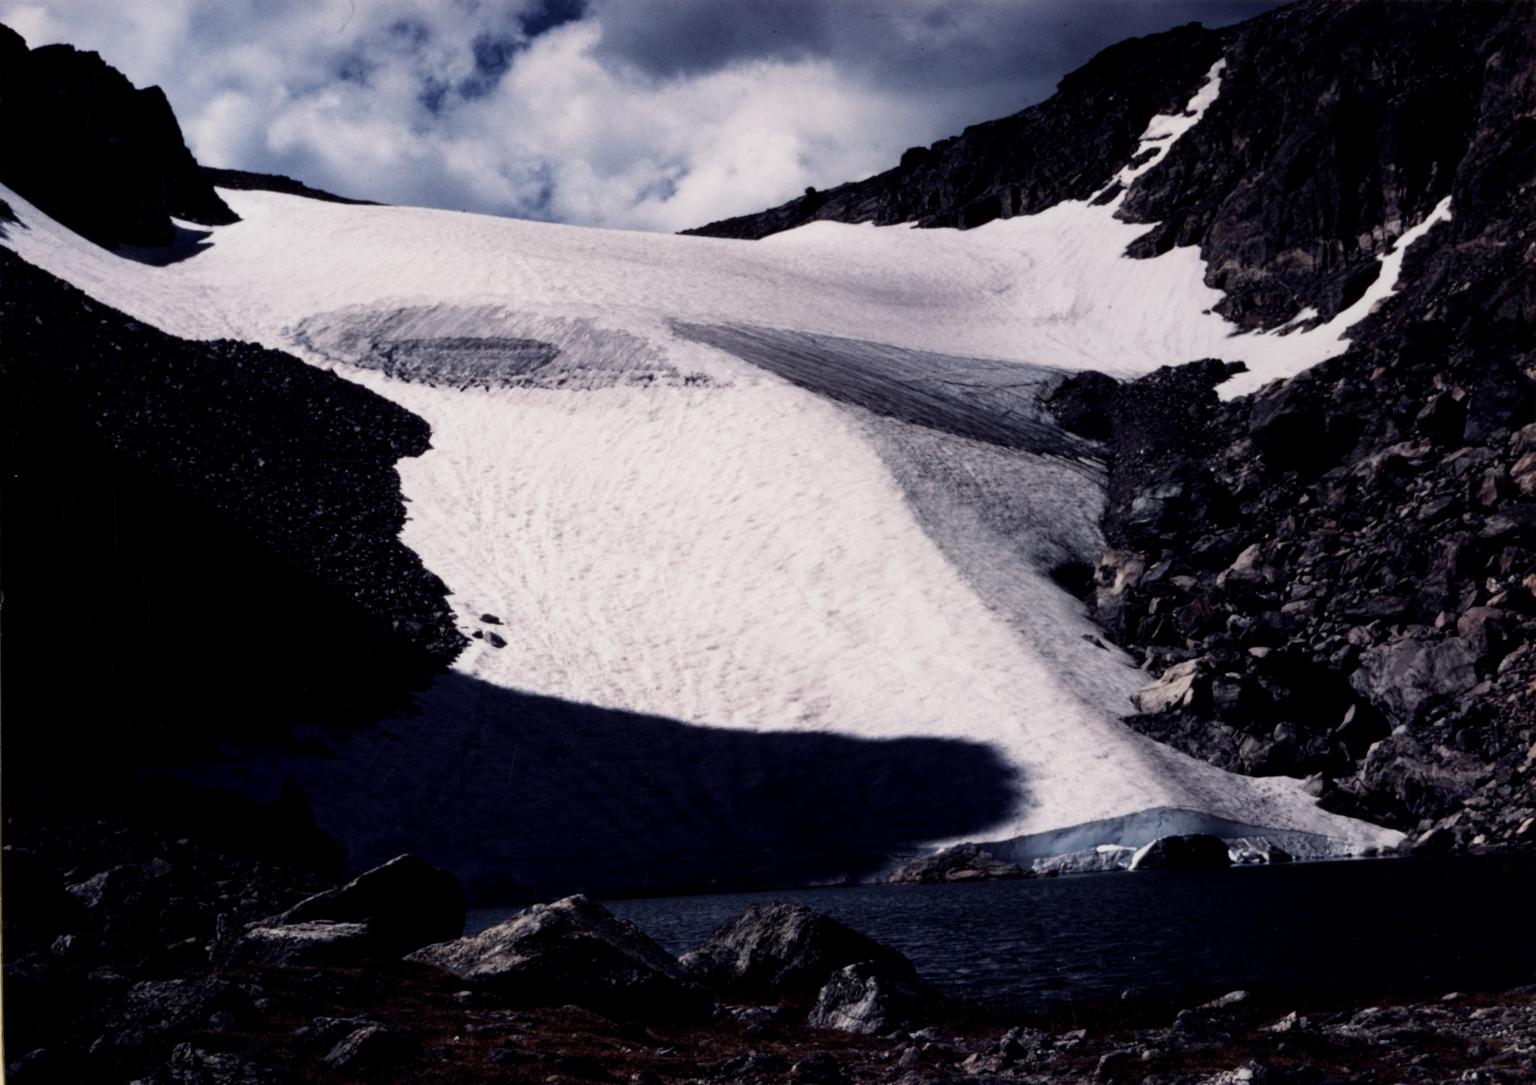 Andrews Glacier, Colorado, United States